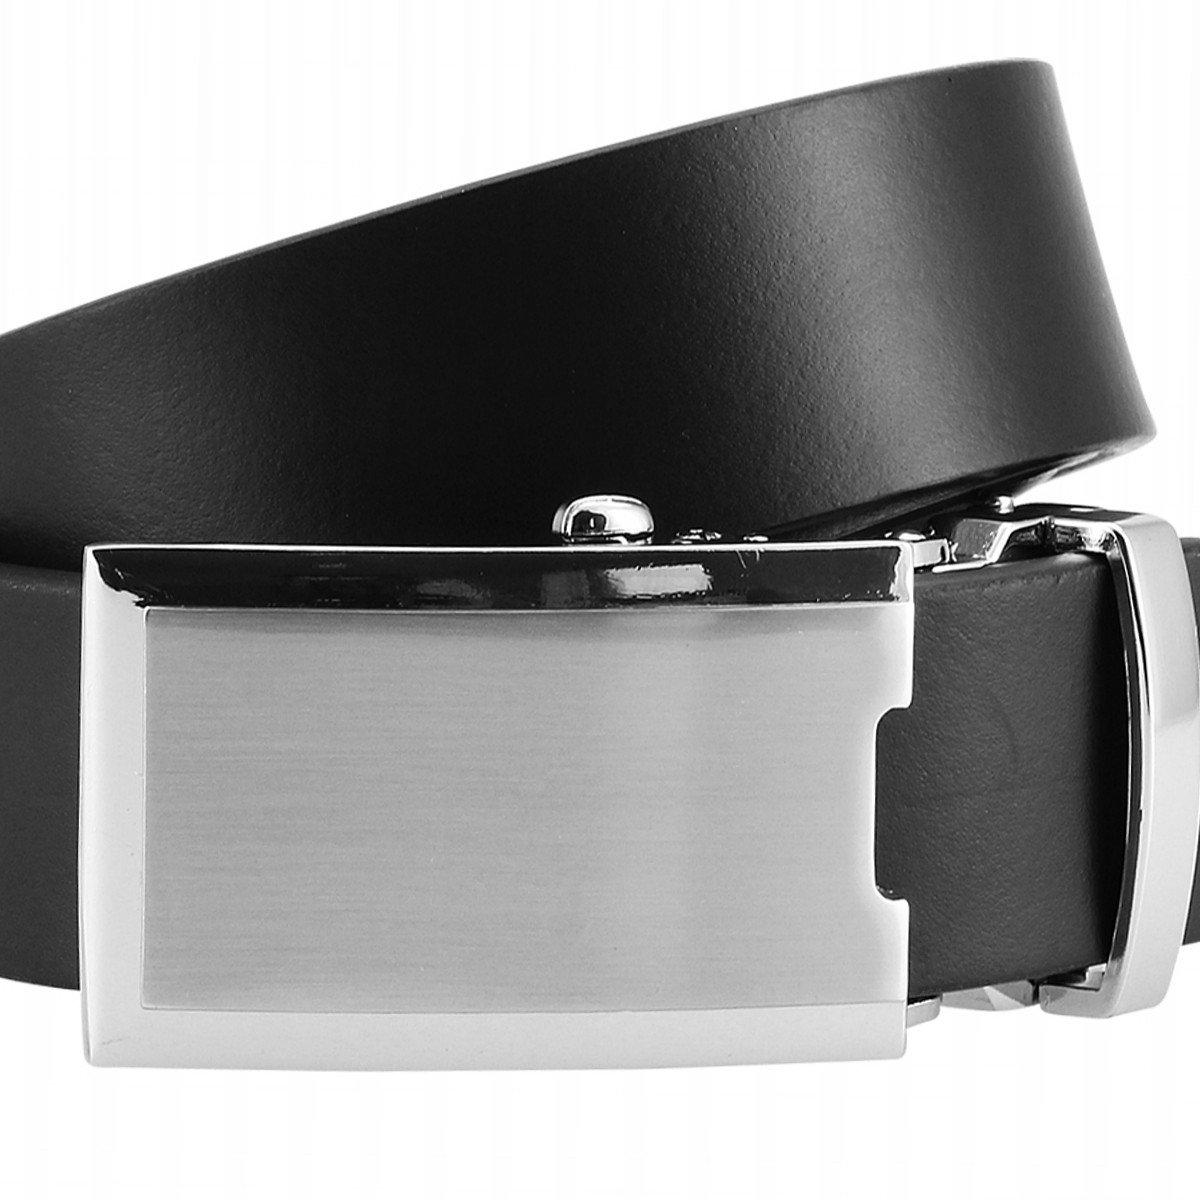 40275b32633577 Rindleder-Gürtel XL mit Automatik-Koppelschließe und Geschenk-Box schwarz  LINDENMANN Ledergürtel Herren/Gürtel Herren